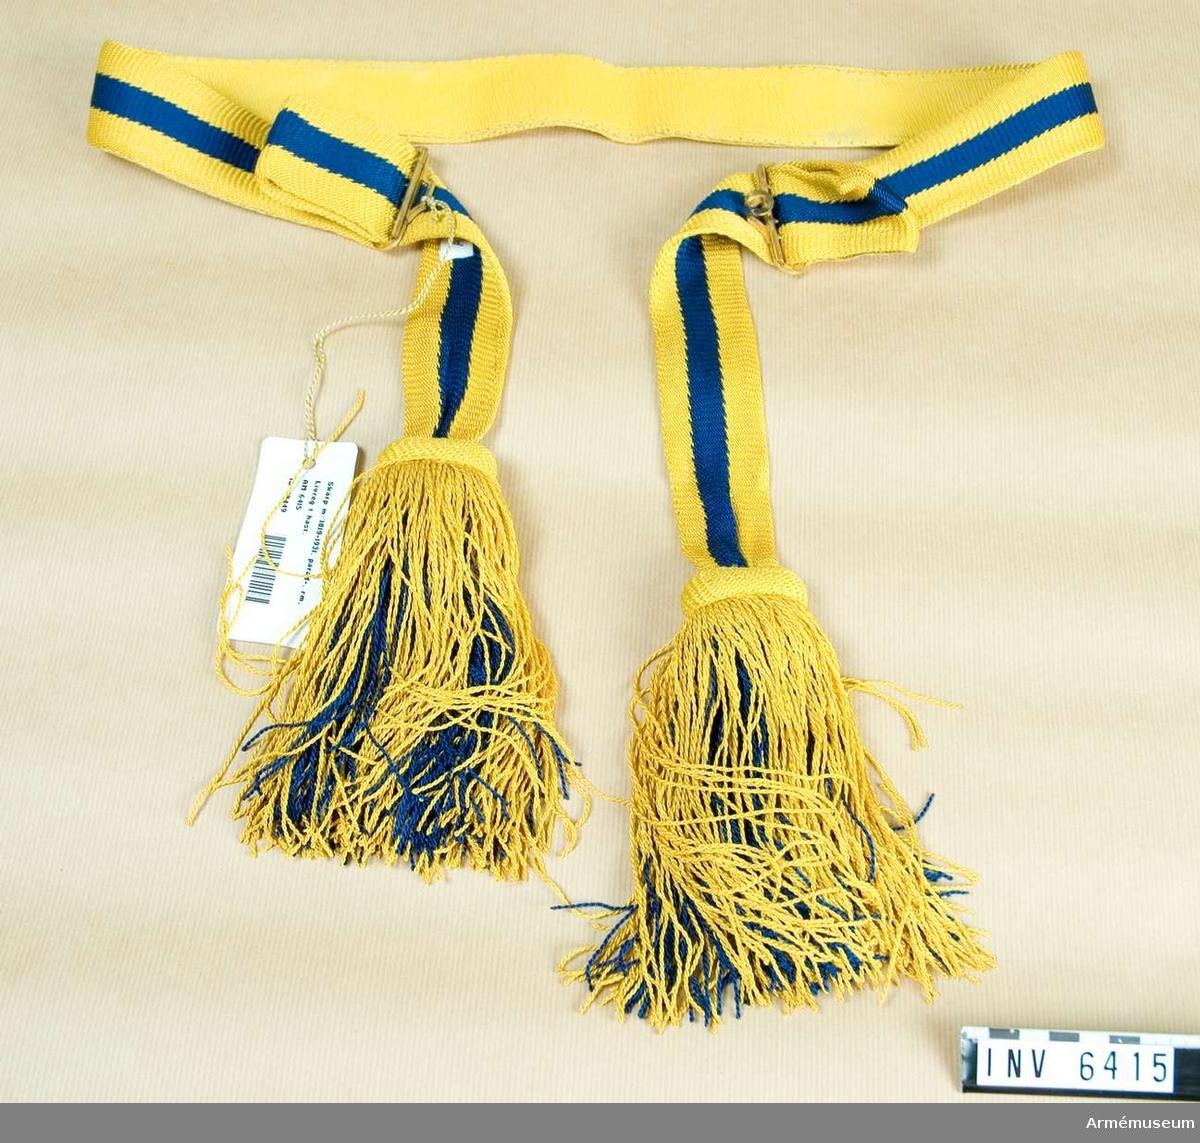 Av s k virkat gult/blått silke m tofsar. Längden regleras m två spännen som även tjänar till hophäktning. Bäres m tofsarna på vänster sida.